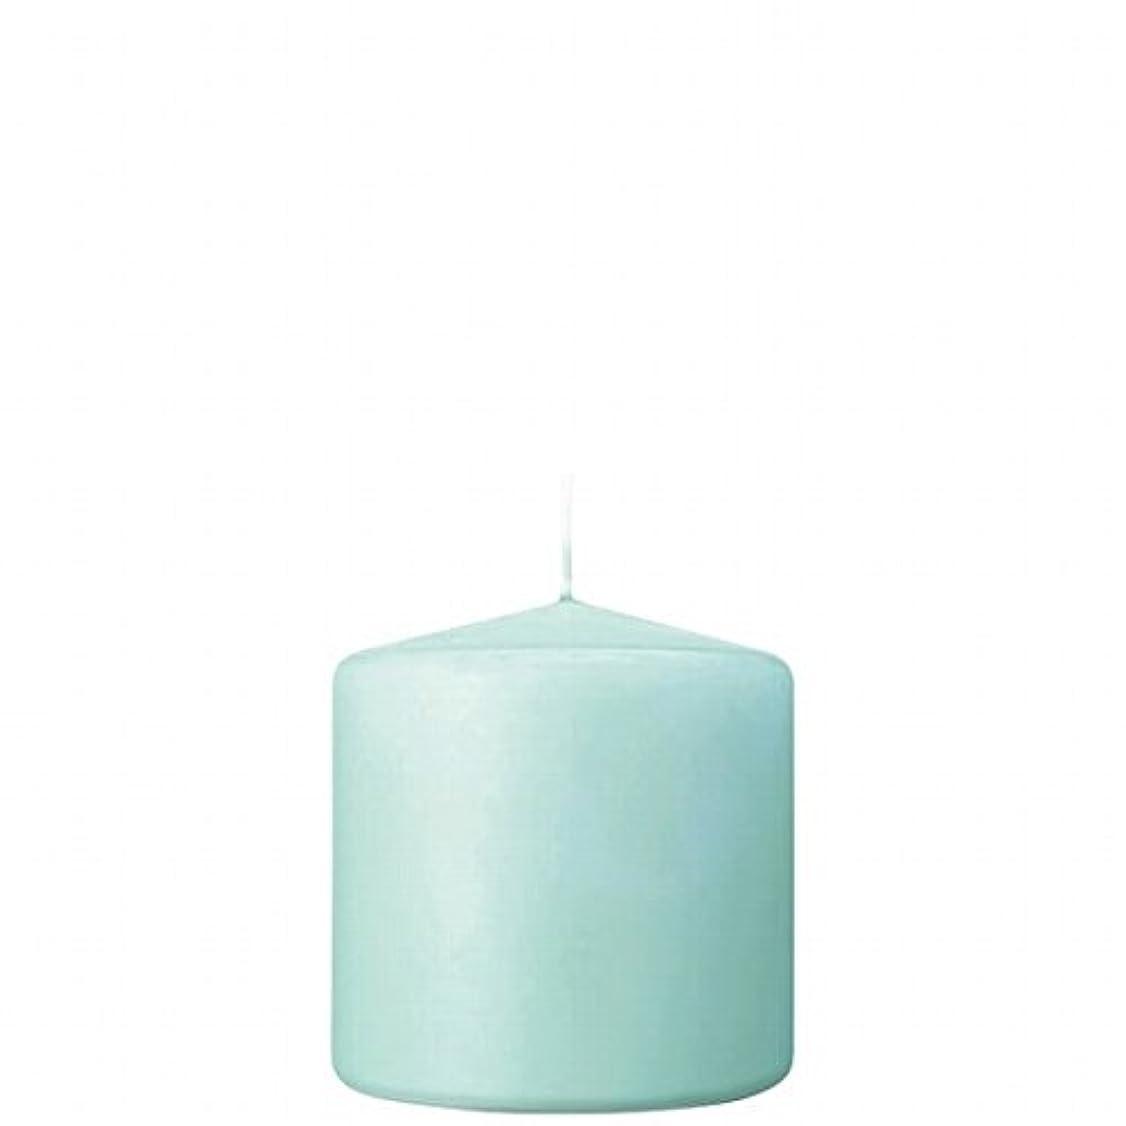 細部顧問差別的カメヤマキャンドル(kameyama candle) 3×3ベルトップピラーキャンドル 「 ライトブルー 」